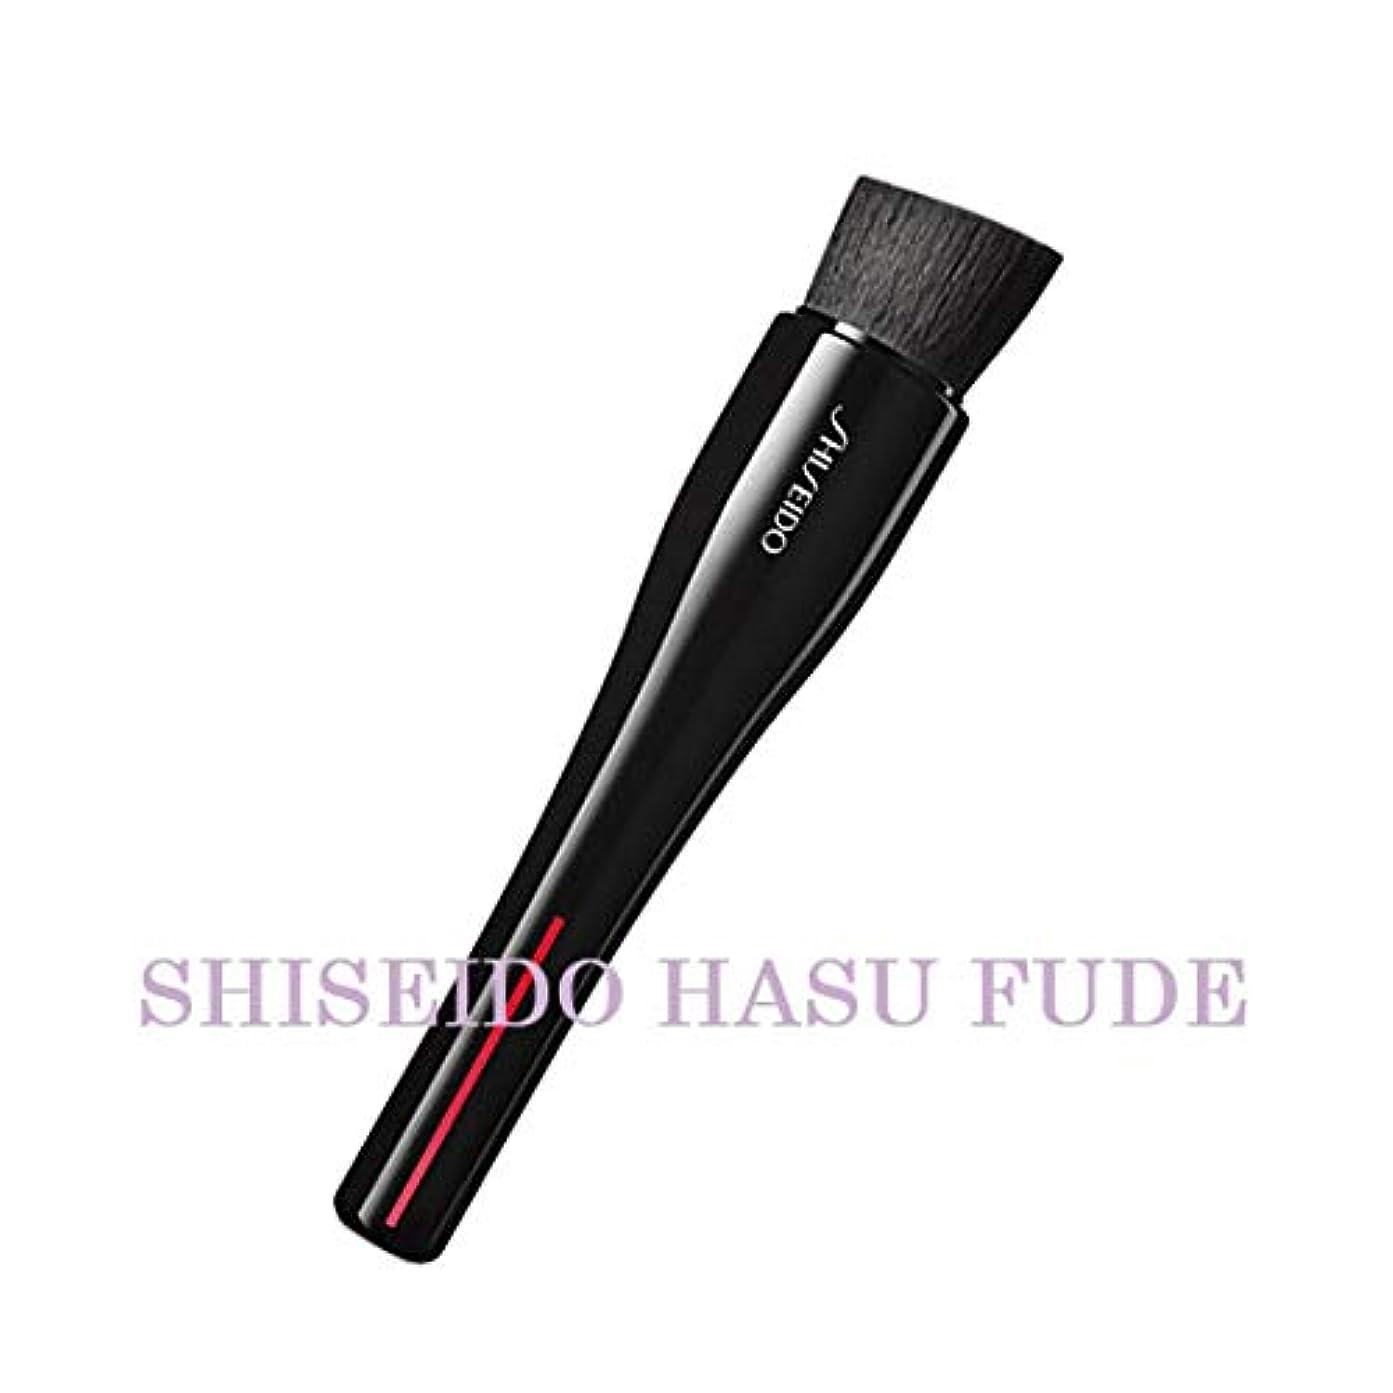 恩赦どう?空中SHISEIDO Makeup(資生堂 メーキャップ) SHISEIDO(資生堂) SHISEIDO HASU FUDE ファンデーション ブラシ